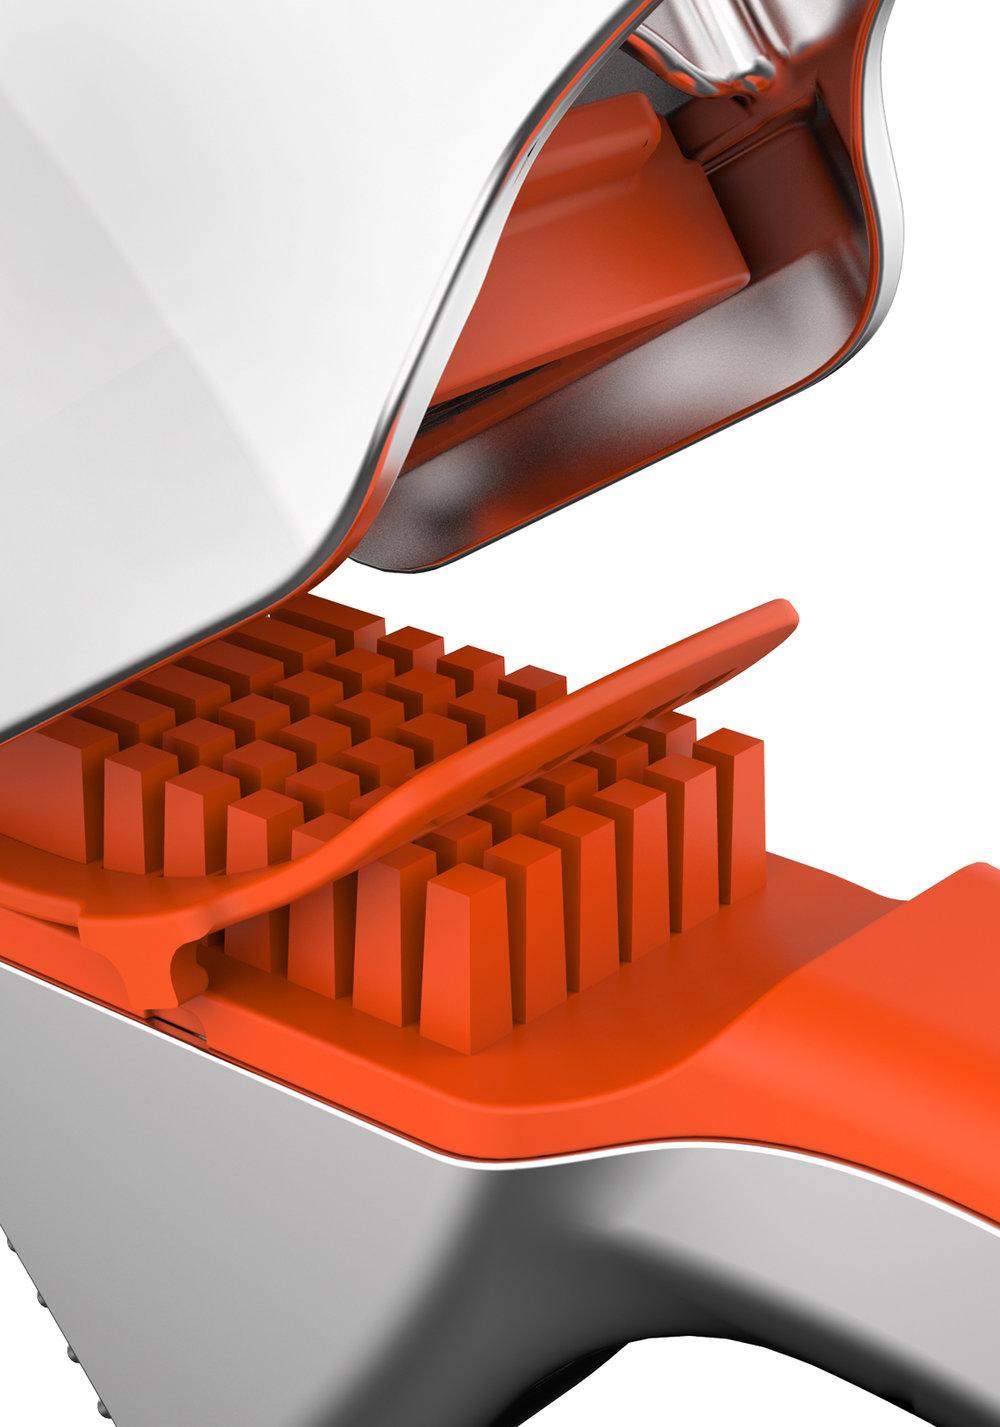 nettoyage facile - Il suffit simplement de tirer sur la languette de nettoyage pour nettoyer la grille.500332 GARLIC PRESS